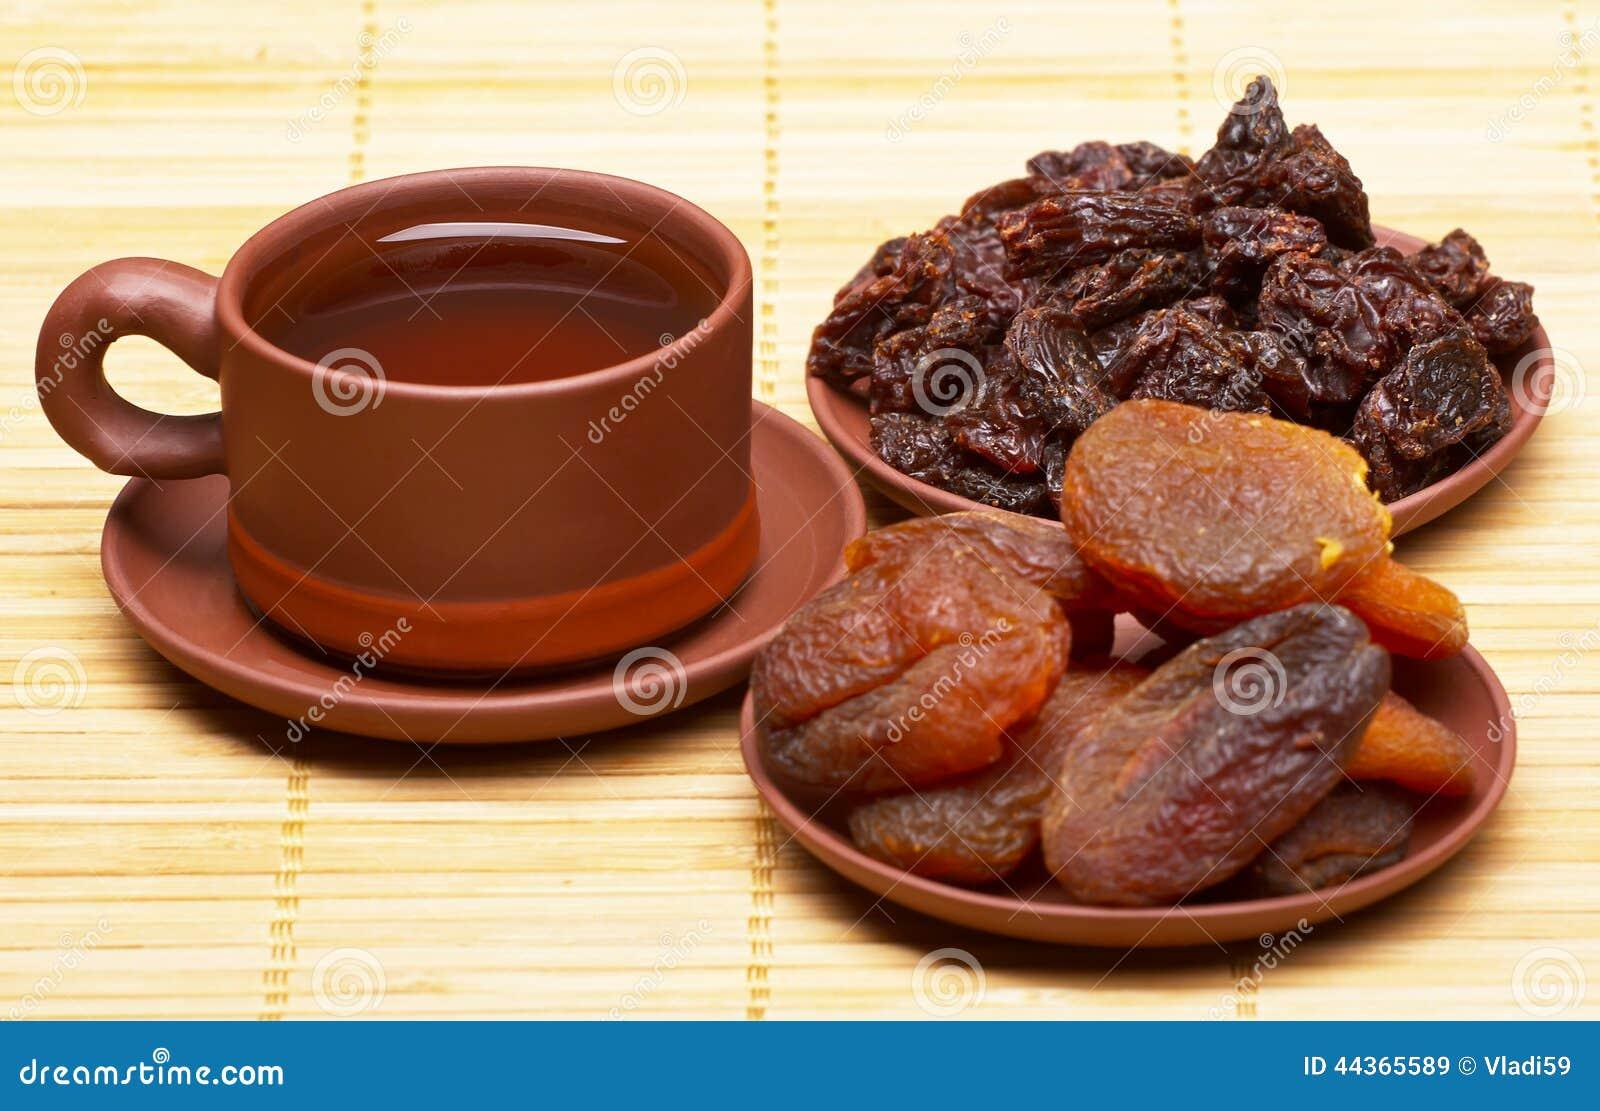 Китайский чай, и высушенные плодоовощи